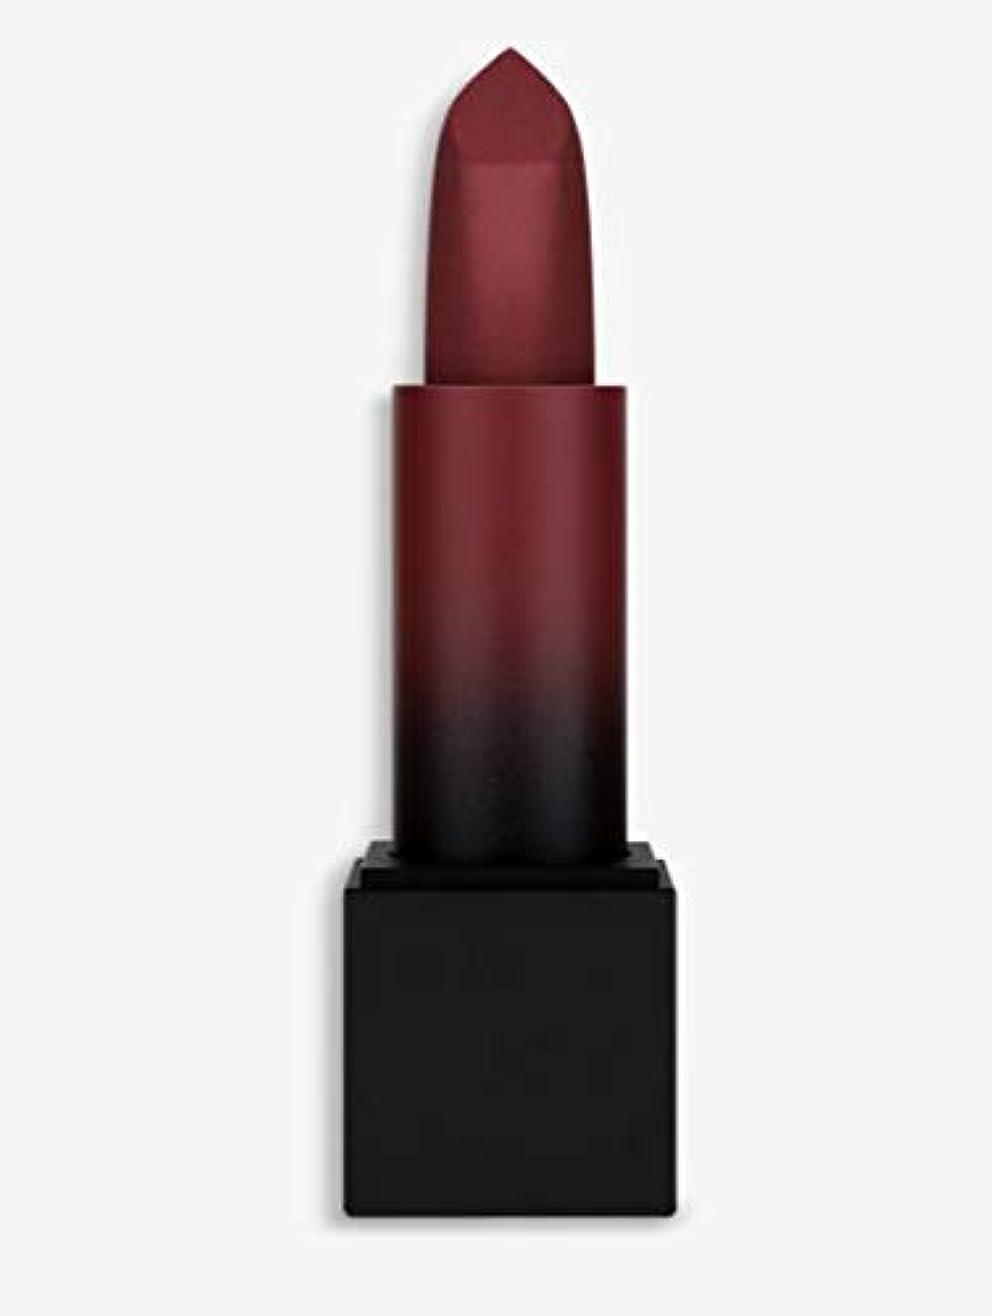 上吹雪共産主義者Hudabeauty Power Bullet Matte Lipstick マットリップ Ladies Night